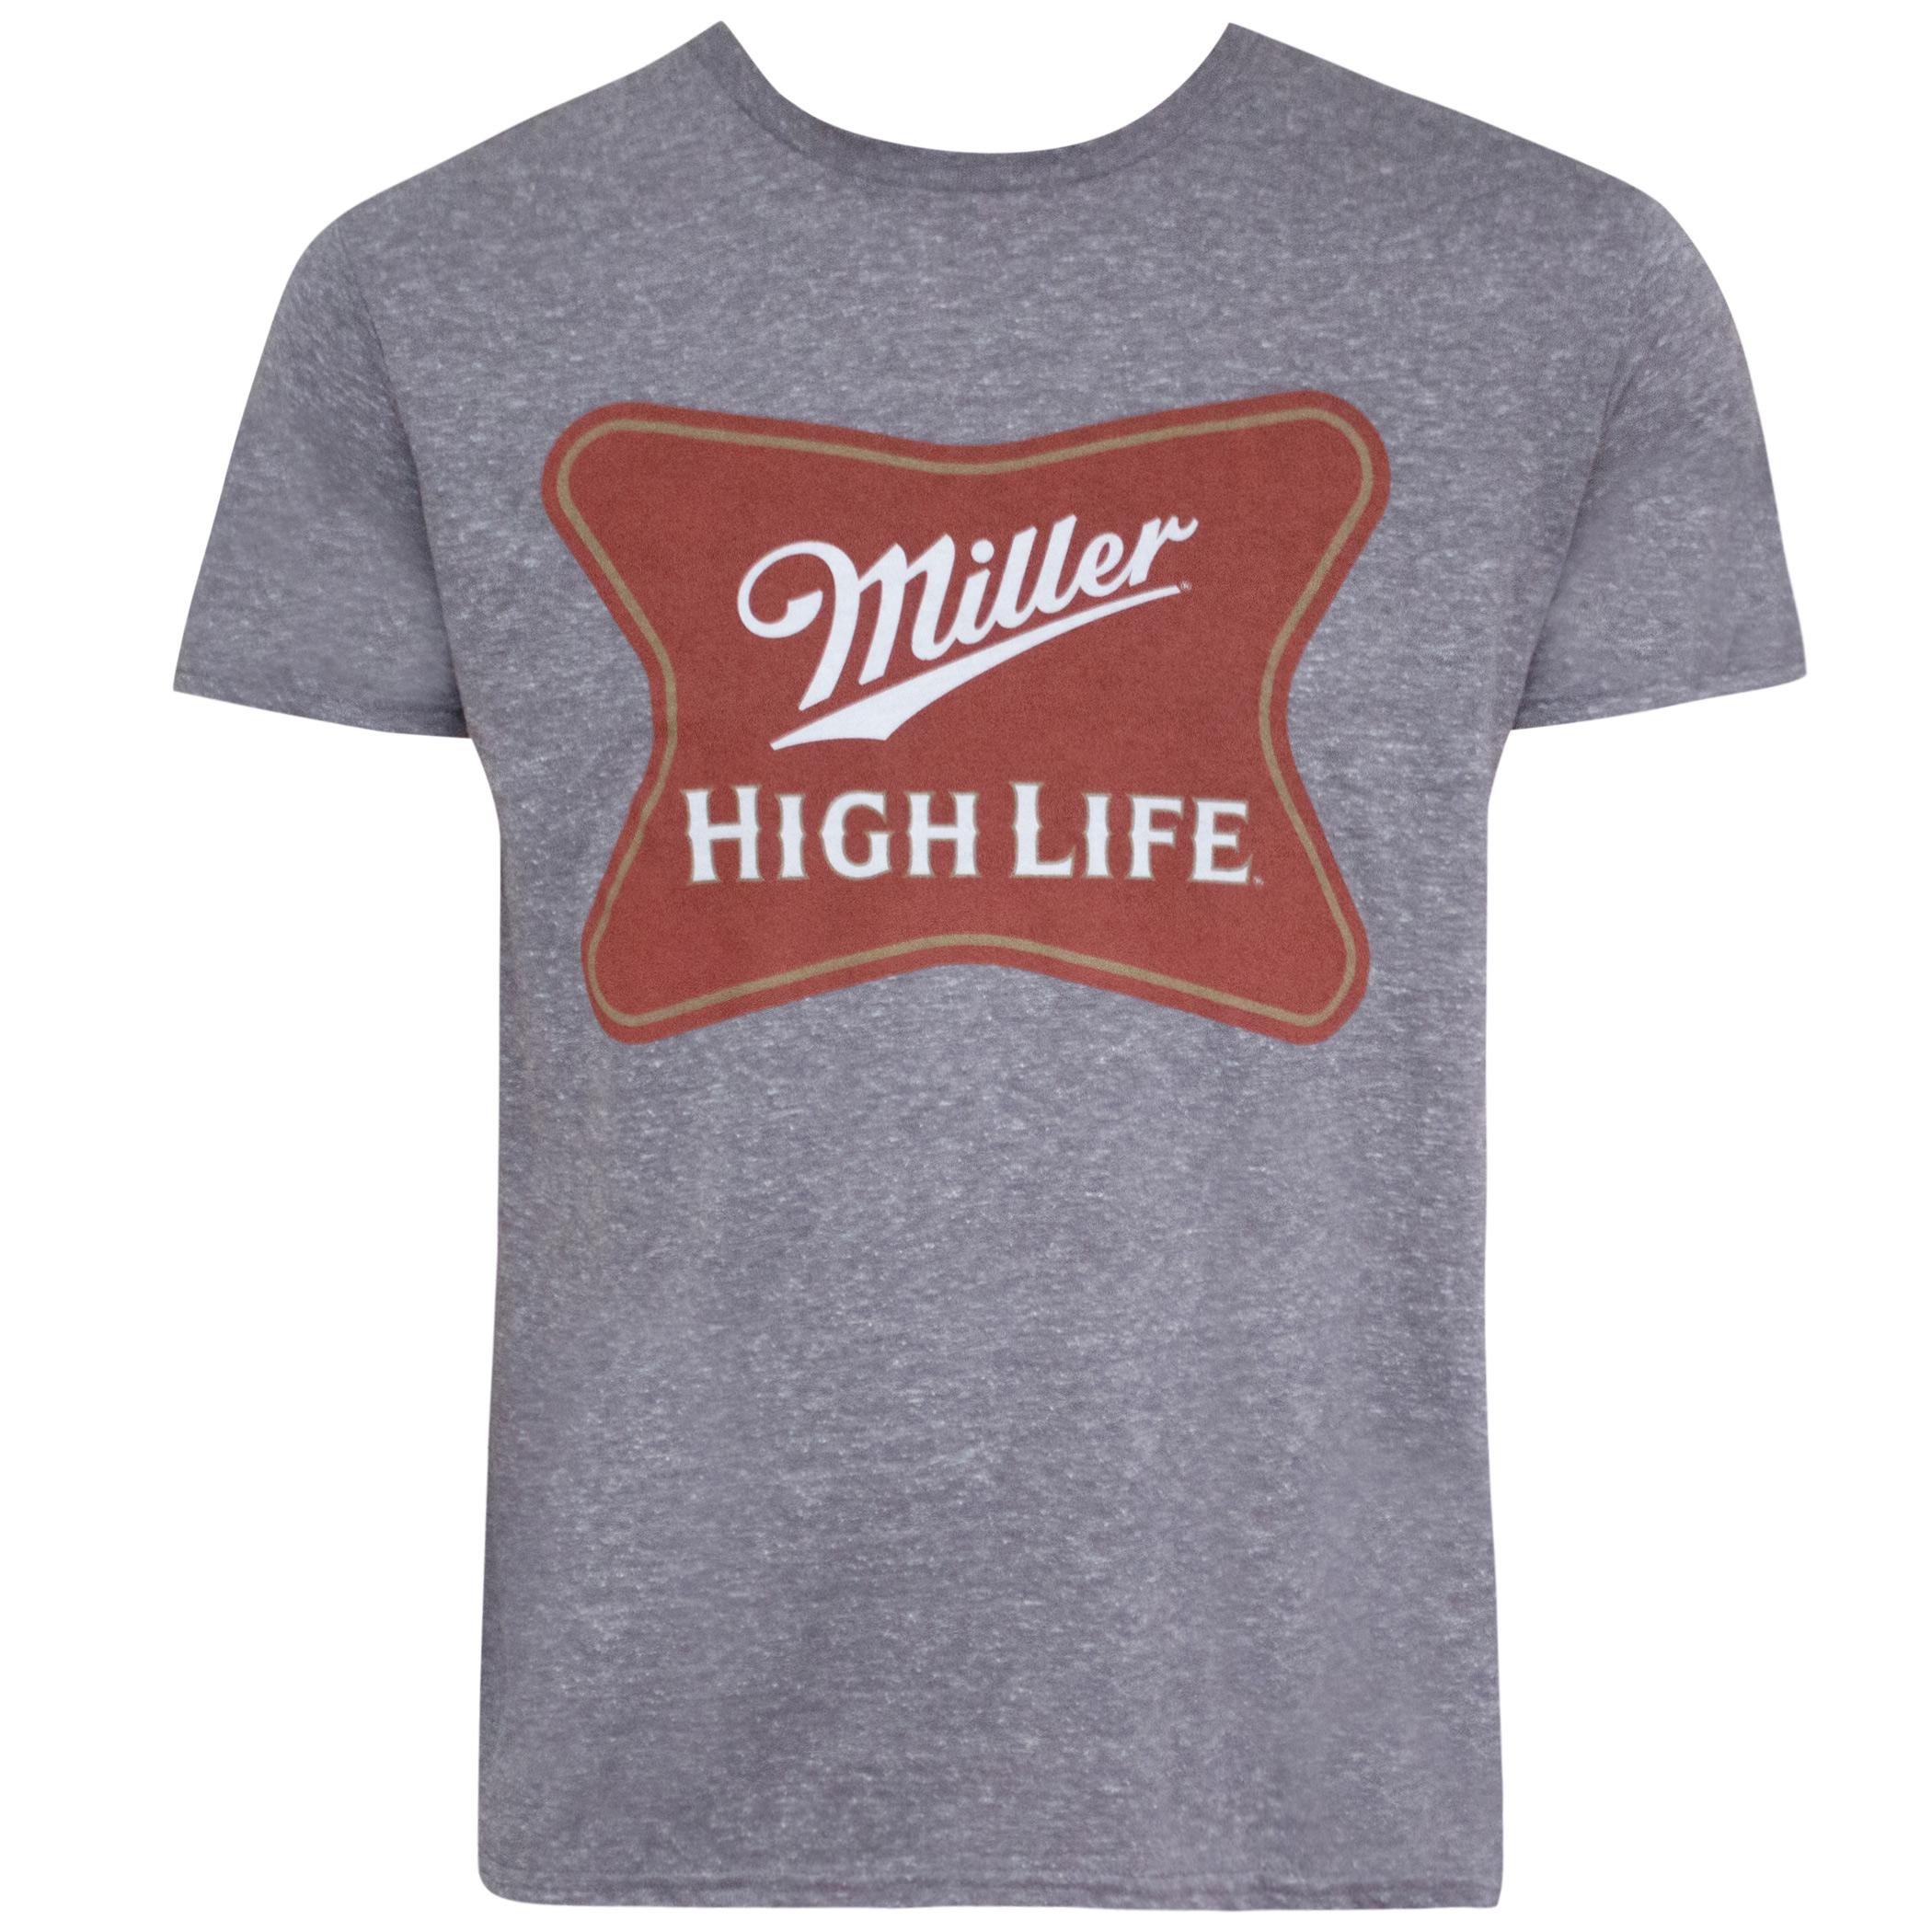 Miller High Life Grey Classic Logo Tee Shirt